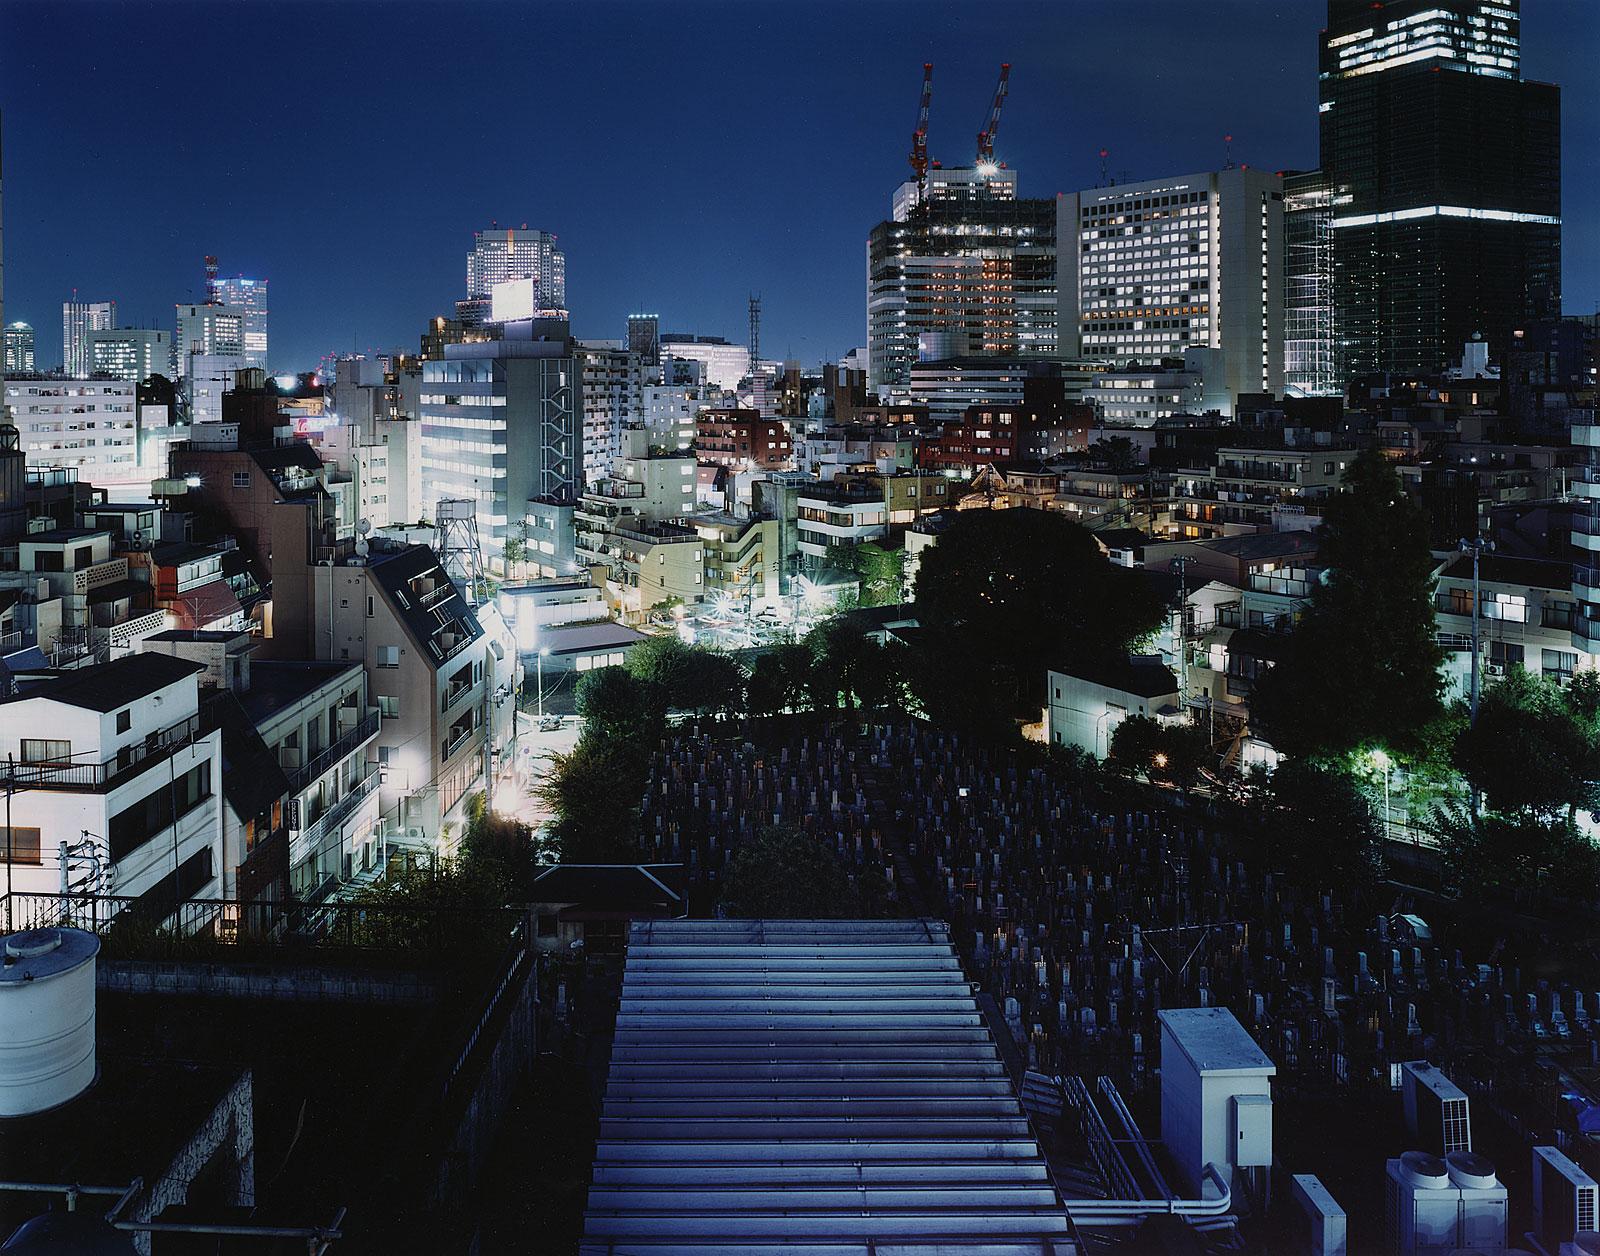 Sato Shintaro - Roppongi Minato-ku Tokyo 2002